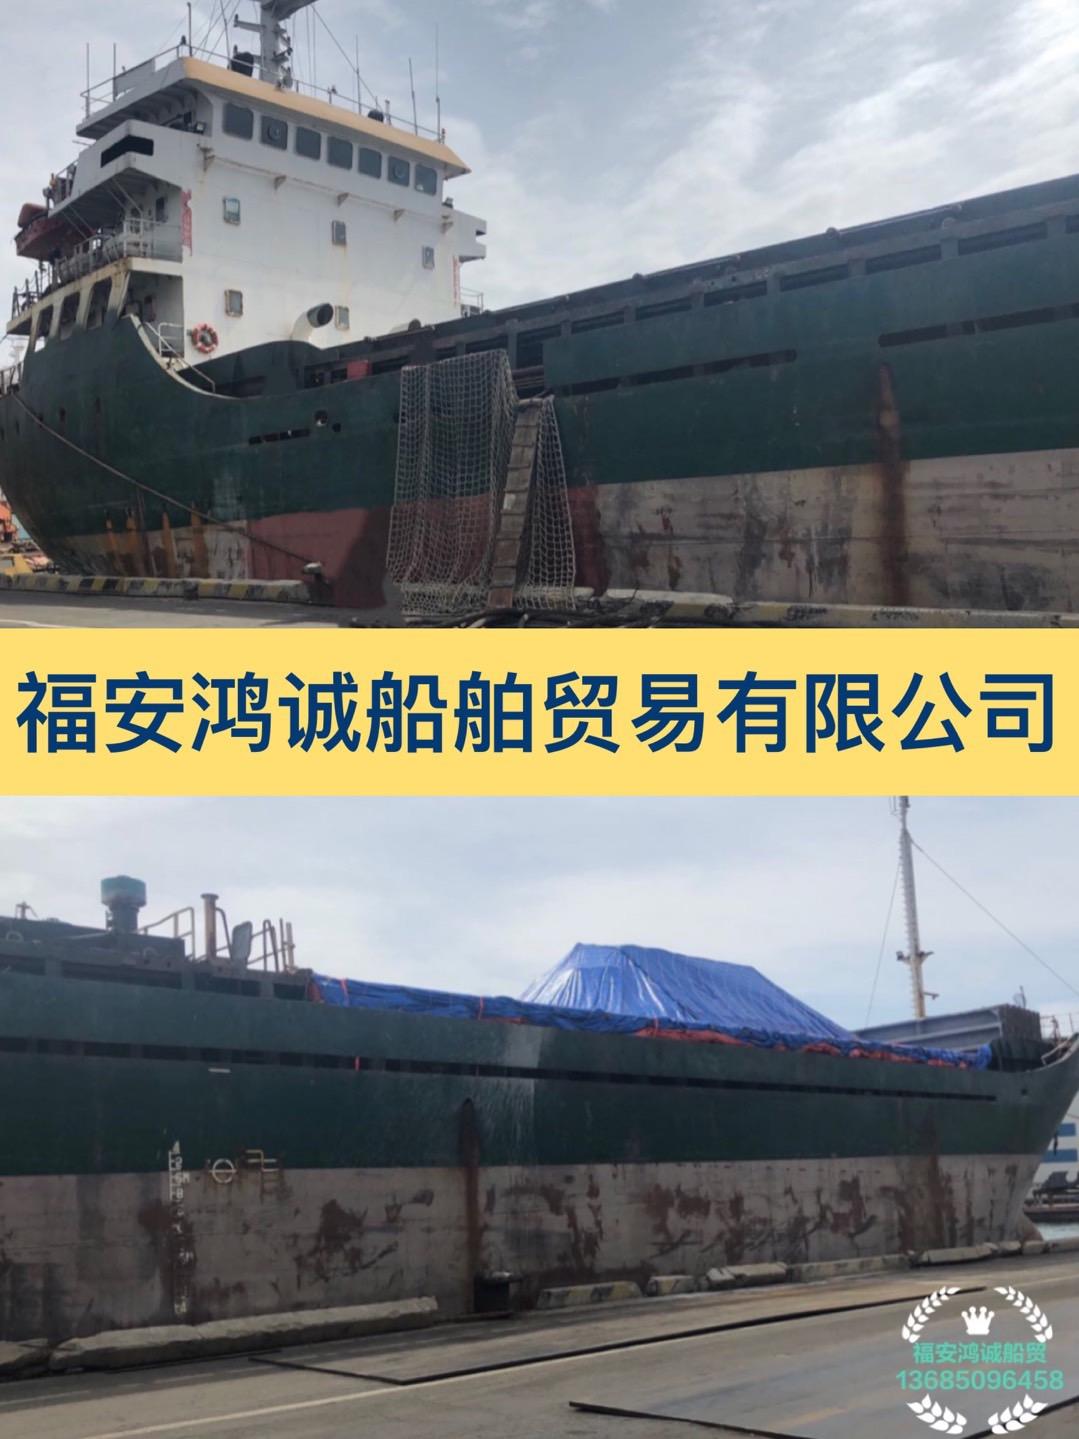 出售4150吨干散货船